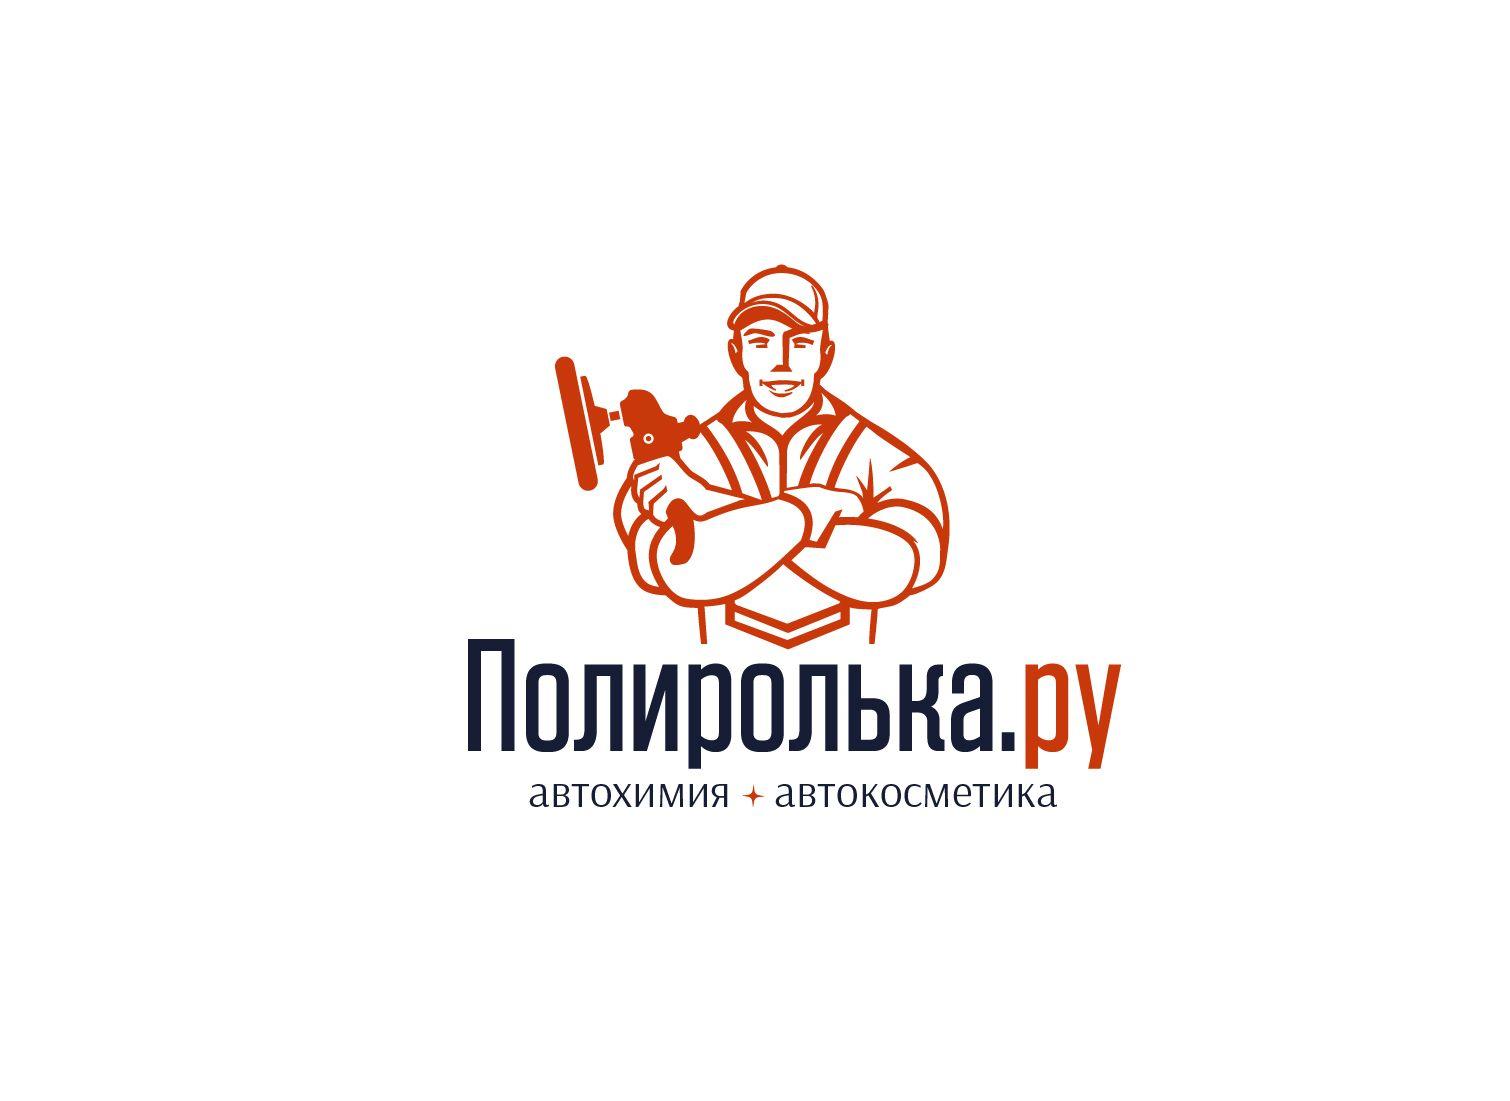 Логотип для интернет-магазина Полиролька.ру - дизайнер domino09